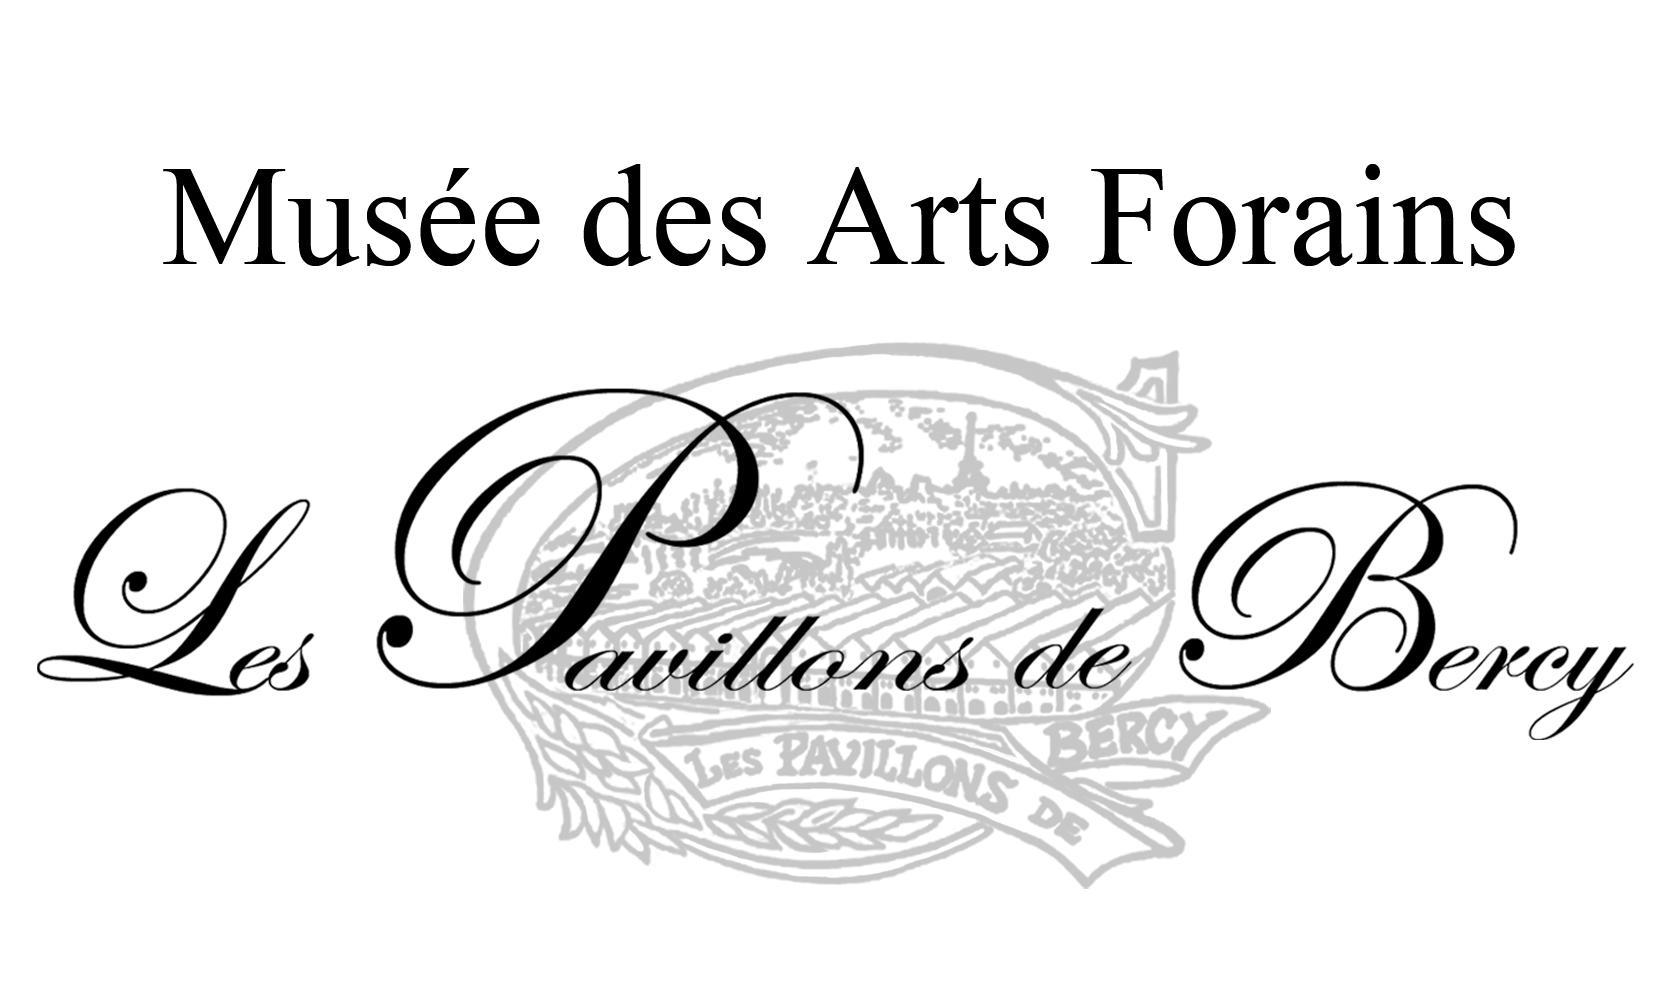 logo Musee Arts Forains partenaire congres ARSEP 2016